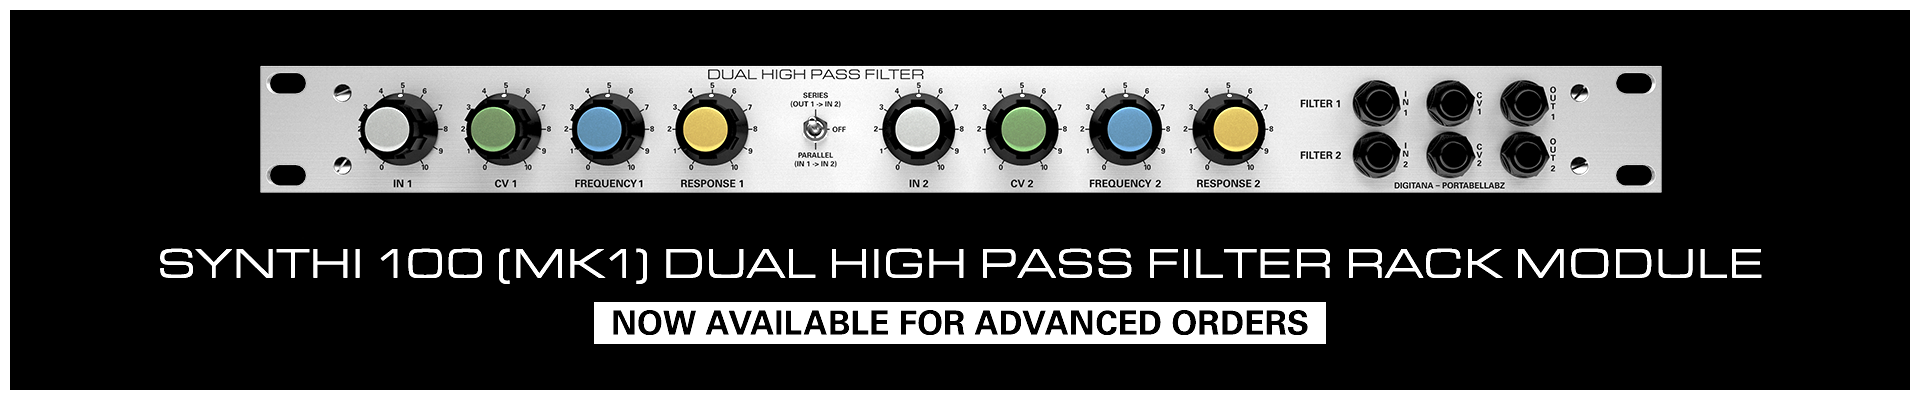 Dual High Pass Filter banner